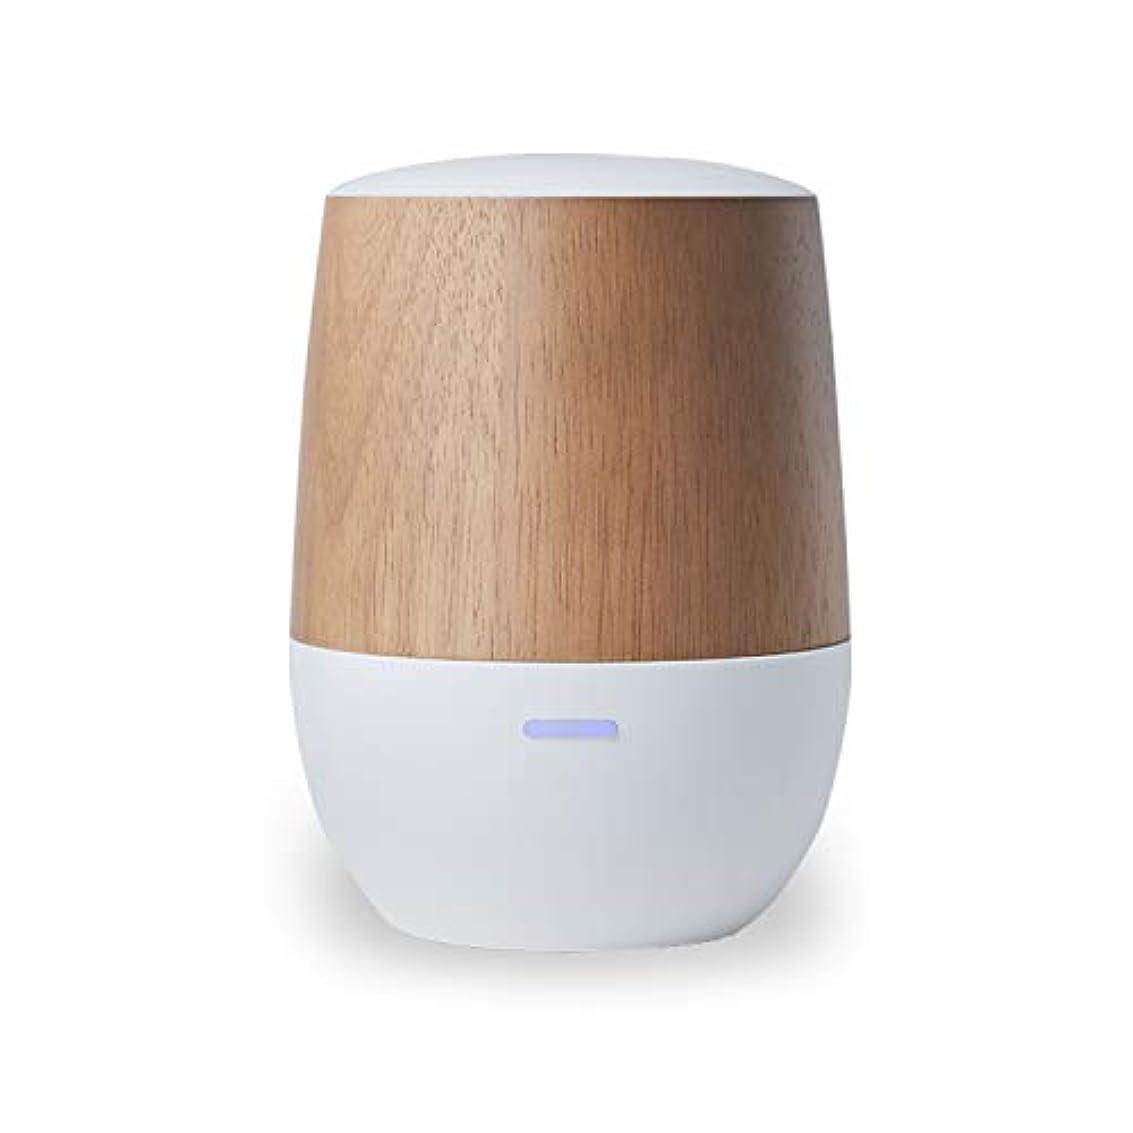 不純表示急行するLOWYA(ロウヤ)アロマディフューザー 水を使わない ネプライザー式 USB 木目 小型 1年保証 アロマオイル対応 ホワイト/ウッド